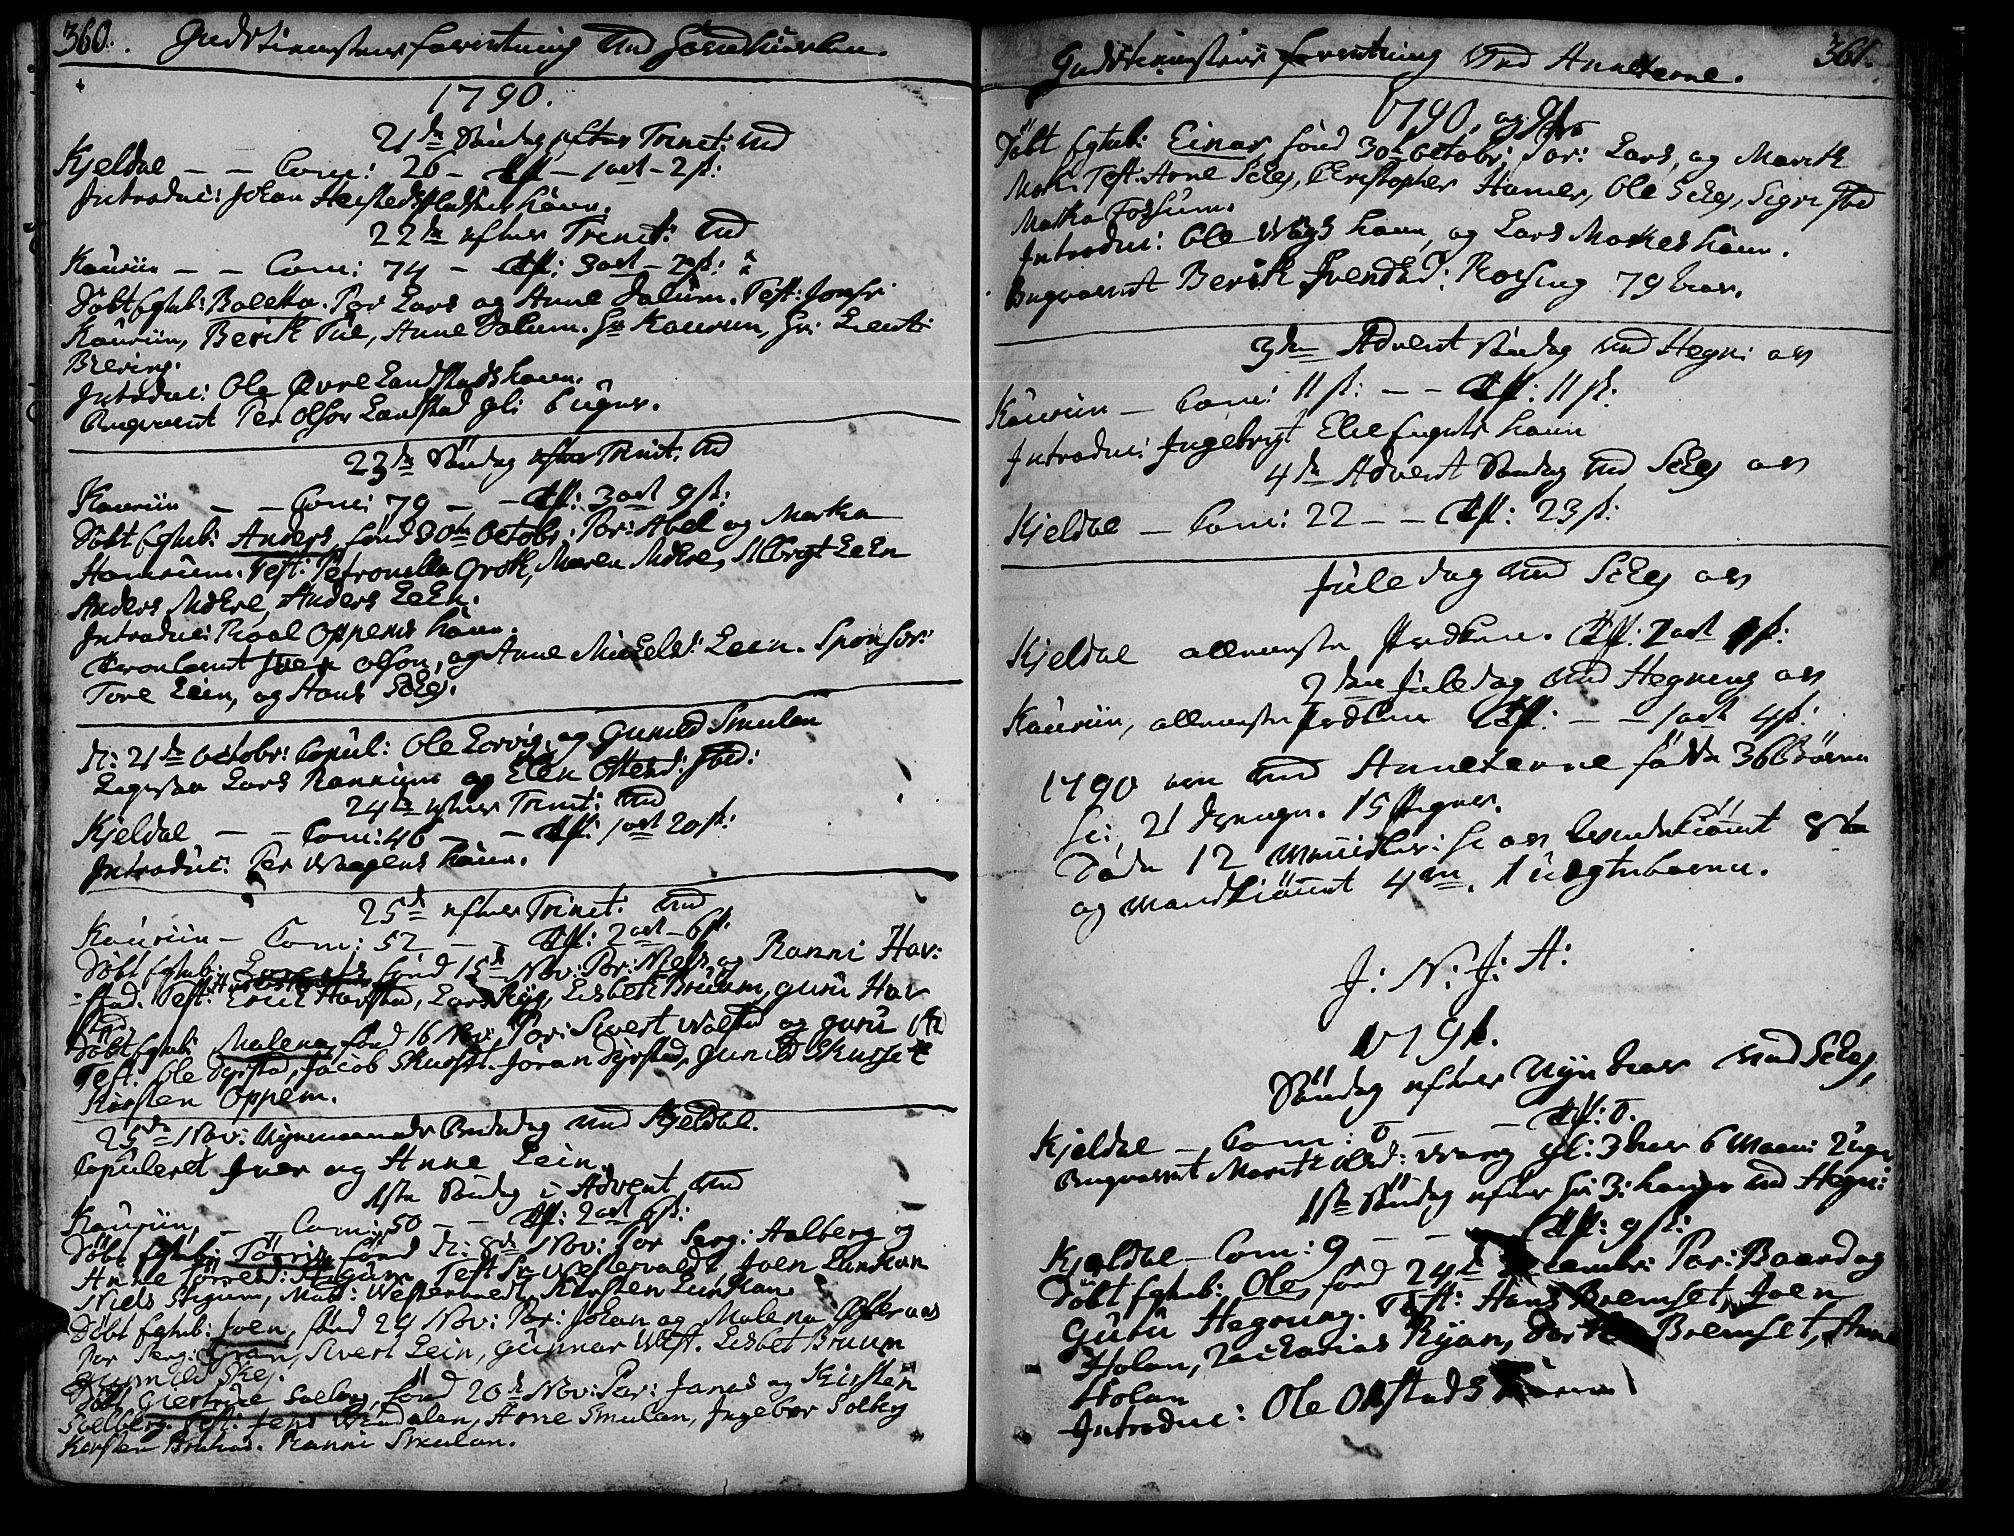 SAT, Ministerialprotokoller, klokkerbøker og fødselsregistre - Nord-Trøndelag, 735/L0331: Ministerialbok nr. 735A02, 1762-1794, s. 360-361